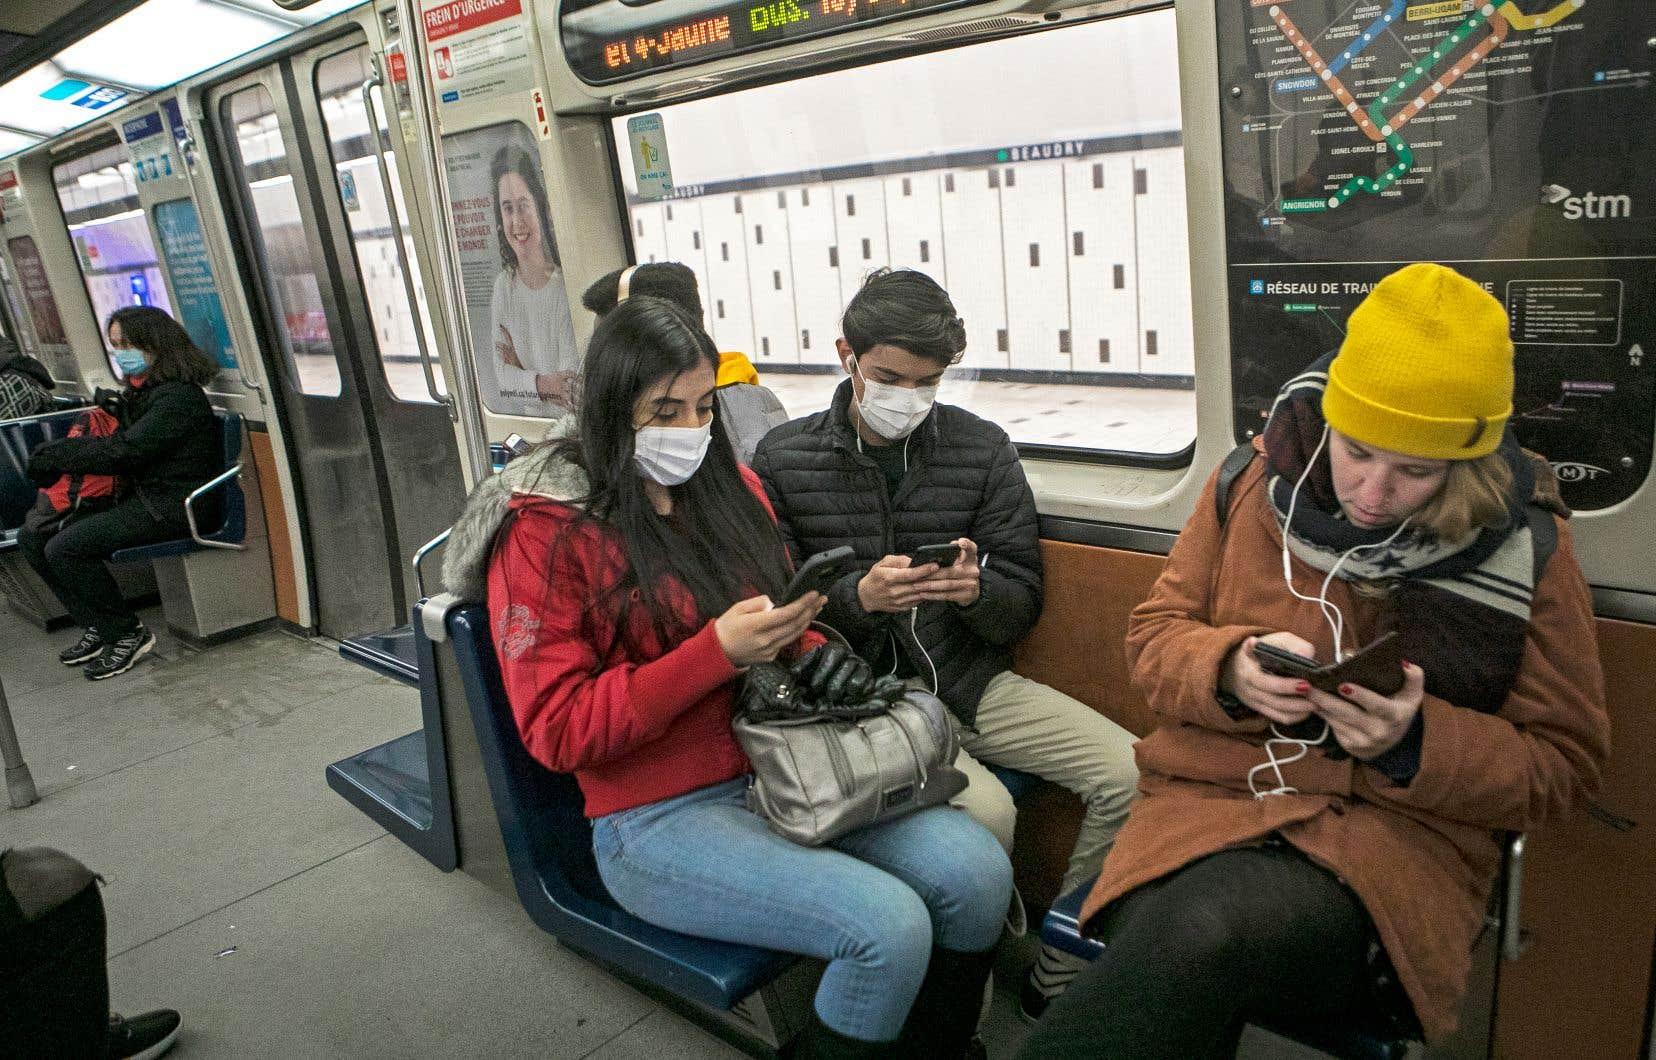 Des usagers du métro de Montréal portent un masque durant la crise de la Covid-19.